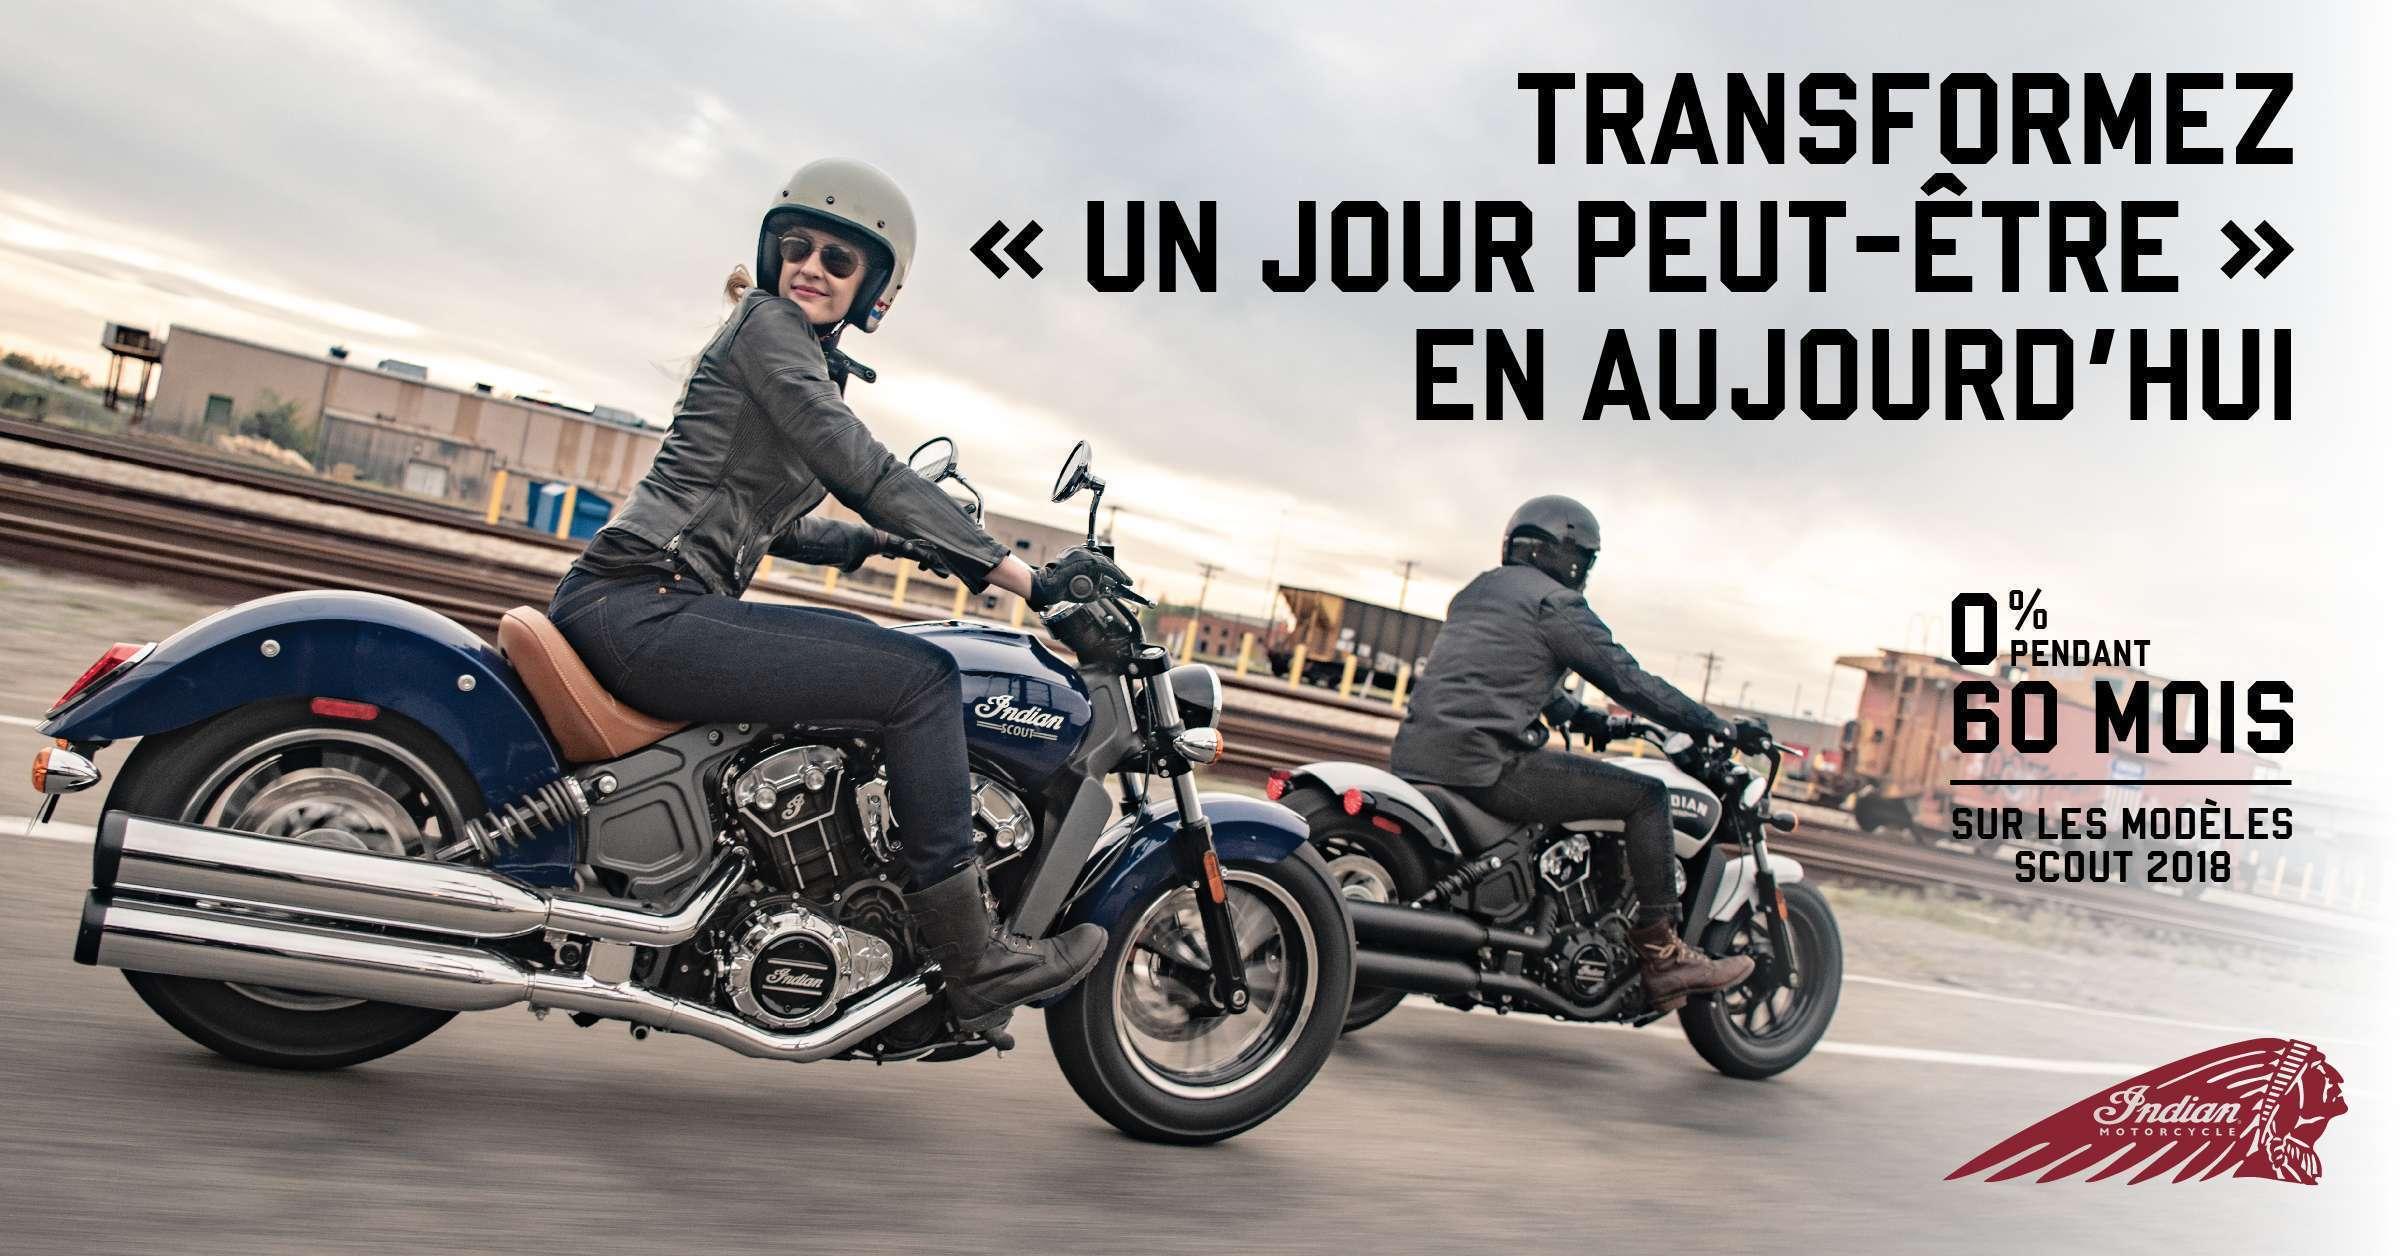 Offres spéciales sur les modèles Scout Indian Motorcycle !